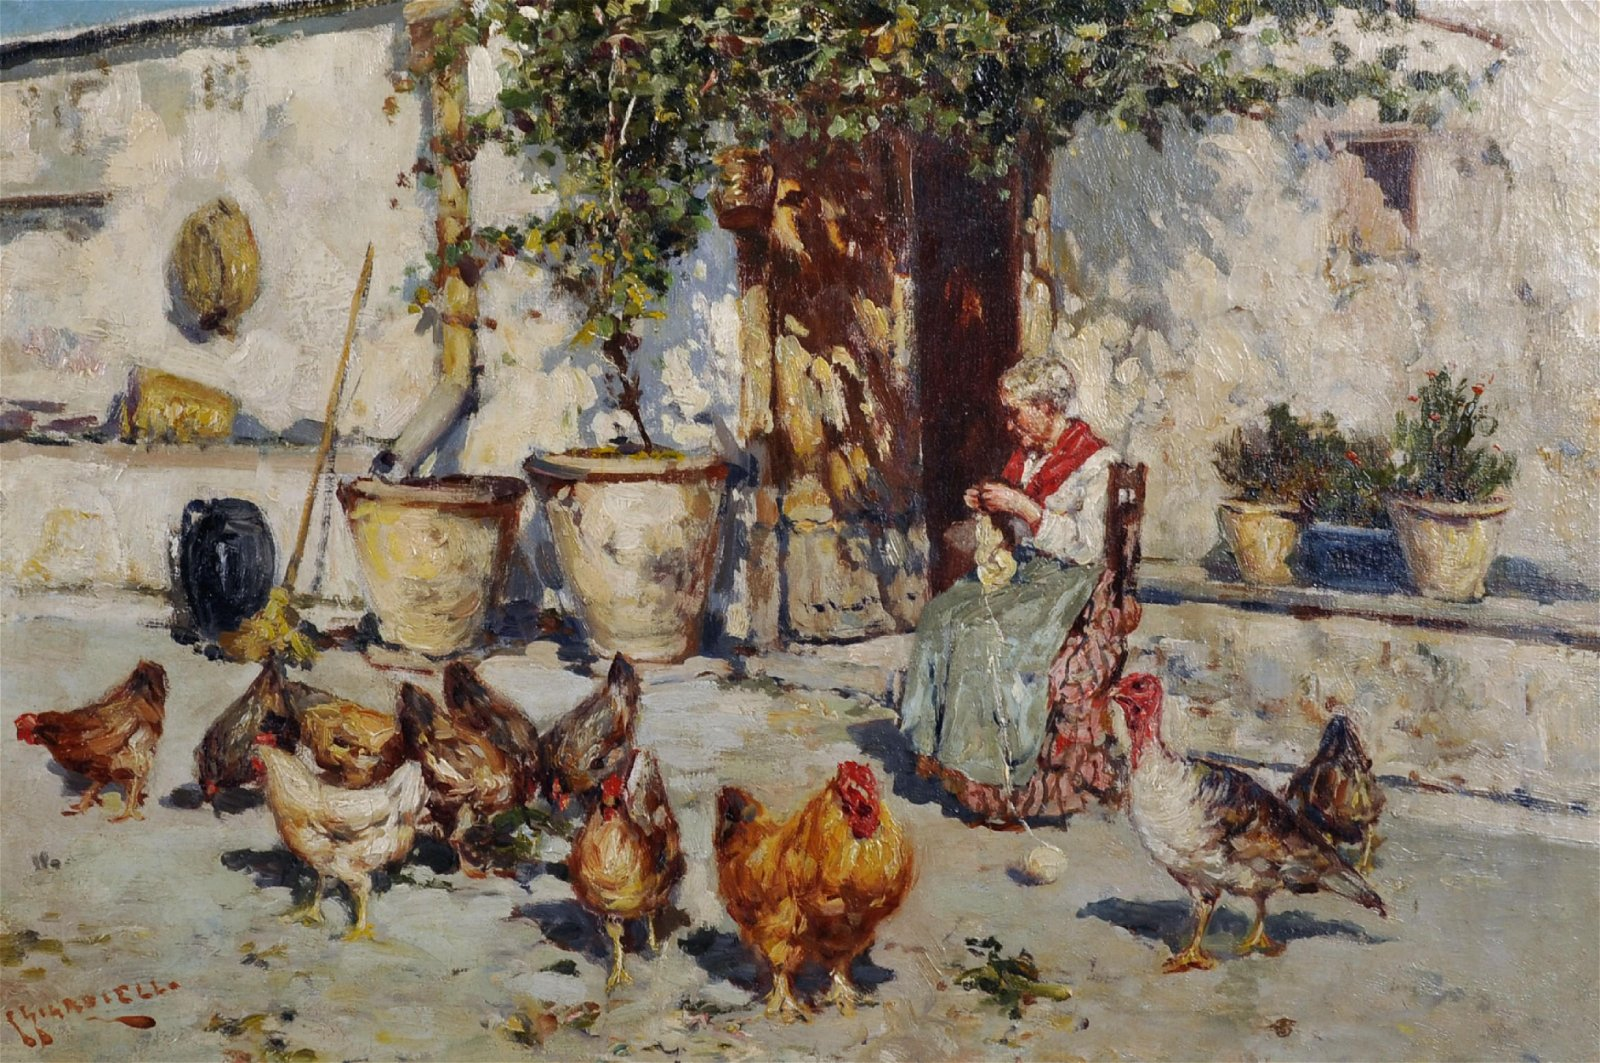 Giuseppe Giardiello (1887-1920) Italian. 'Feeding the